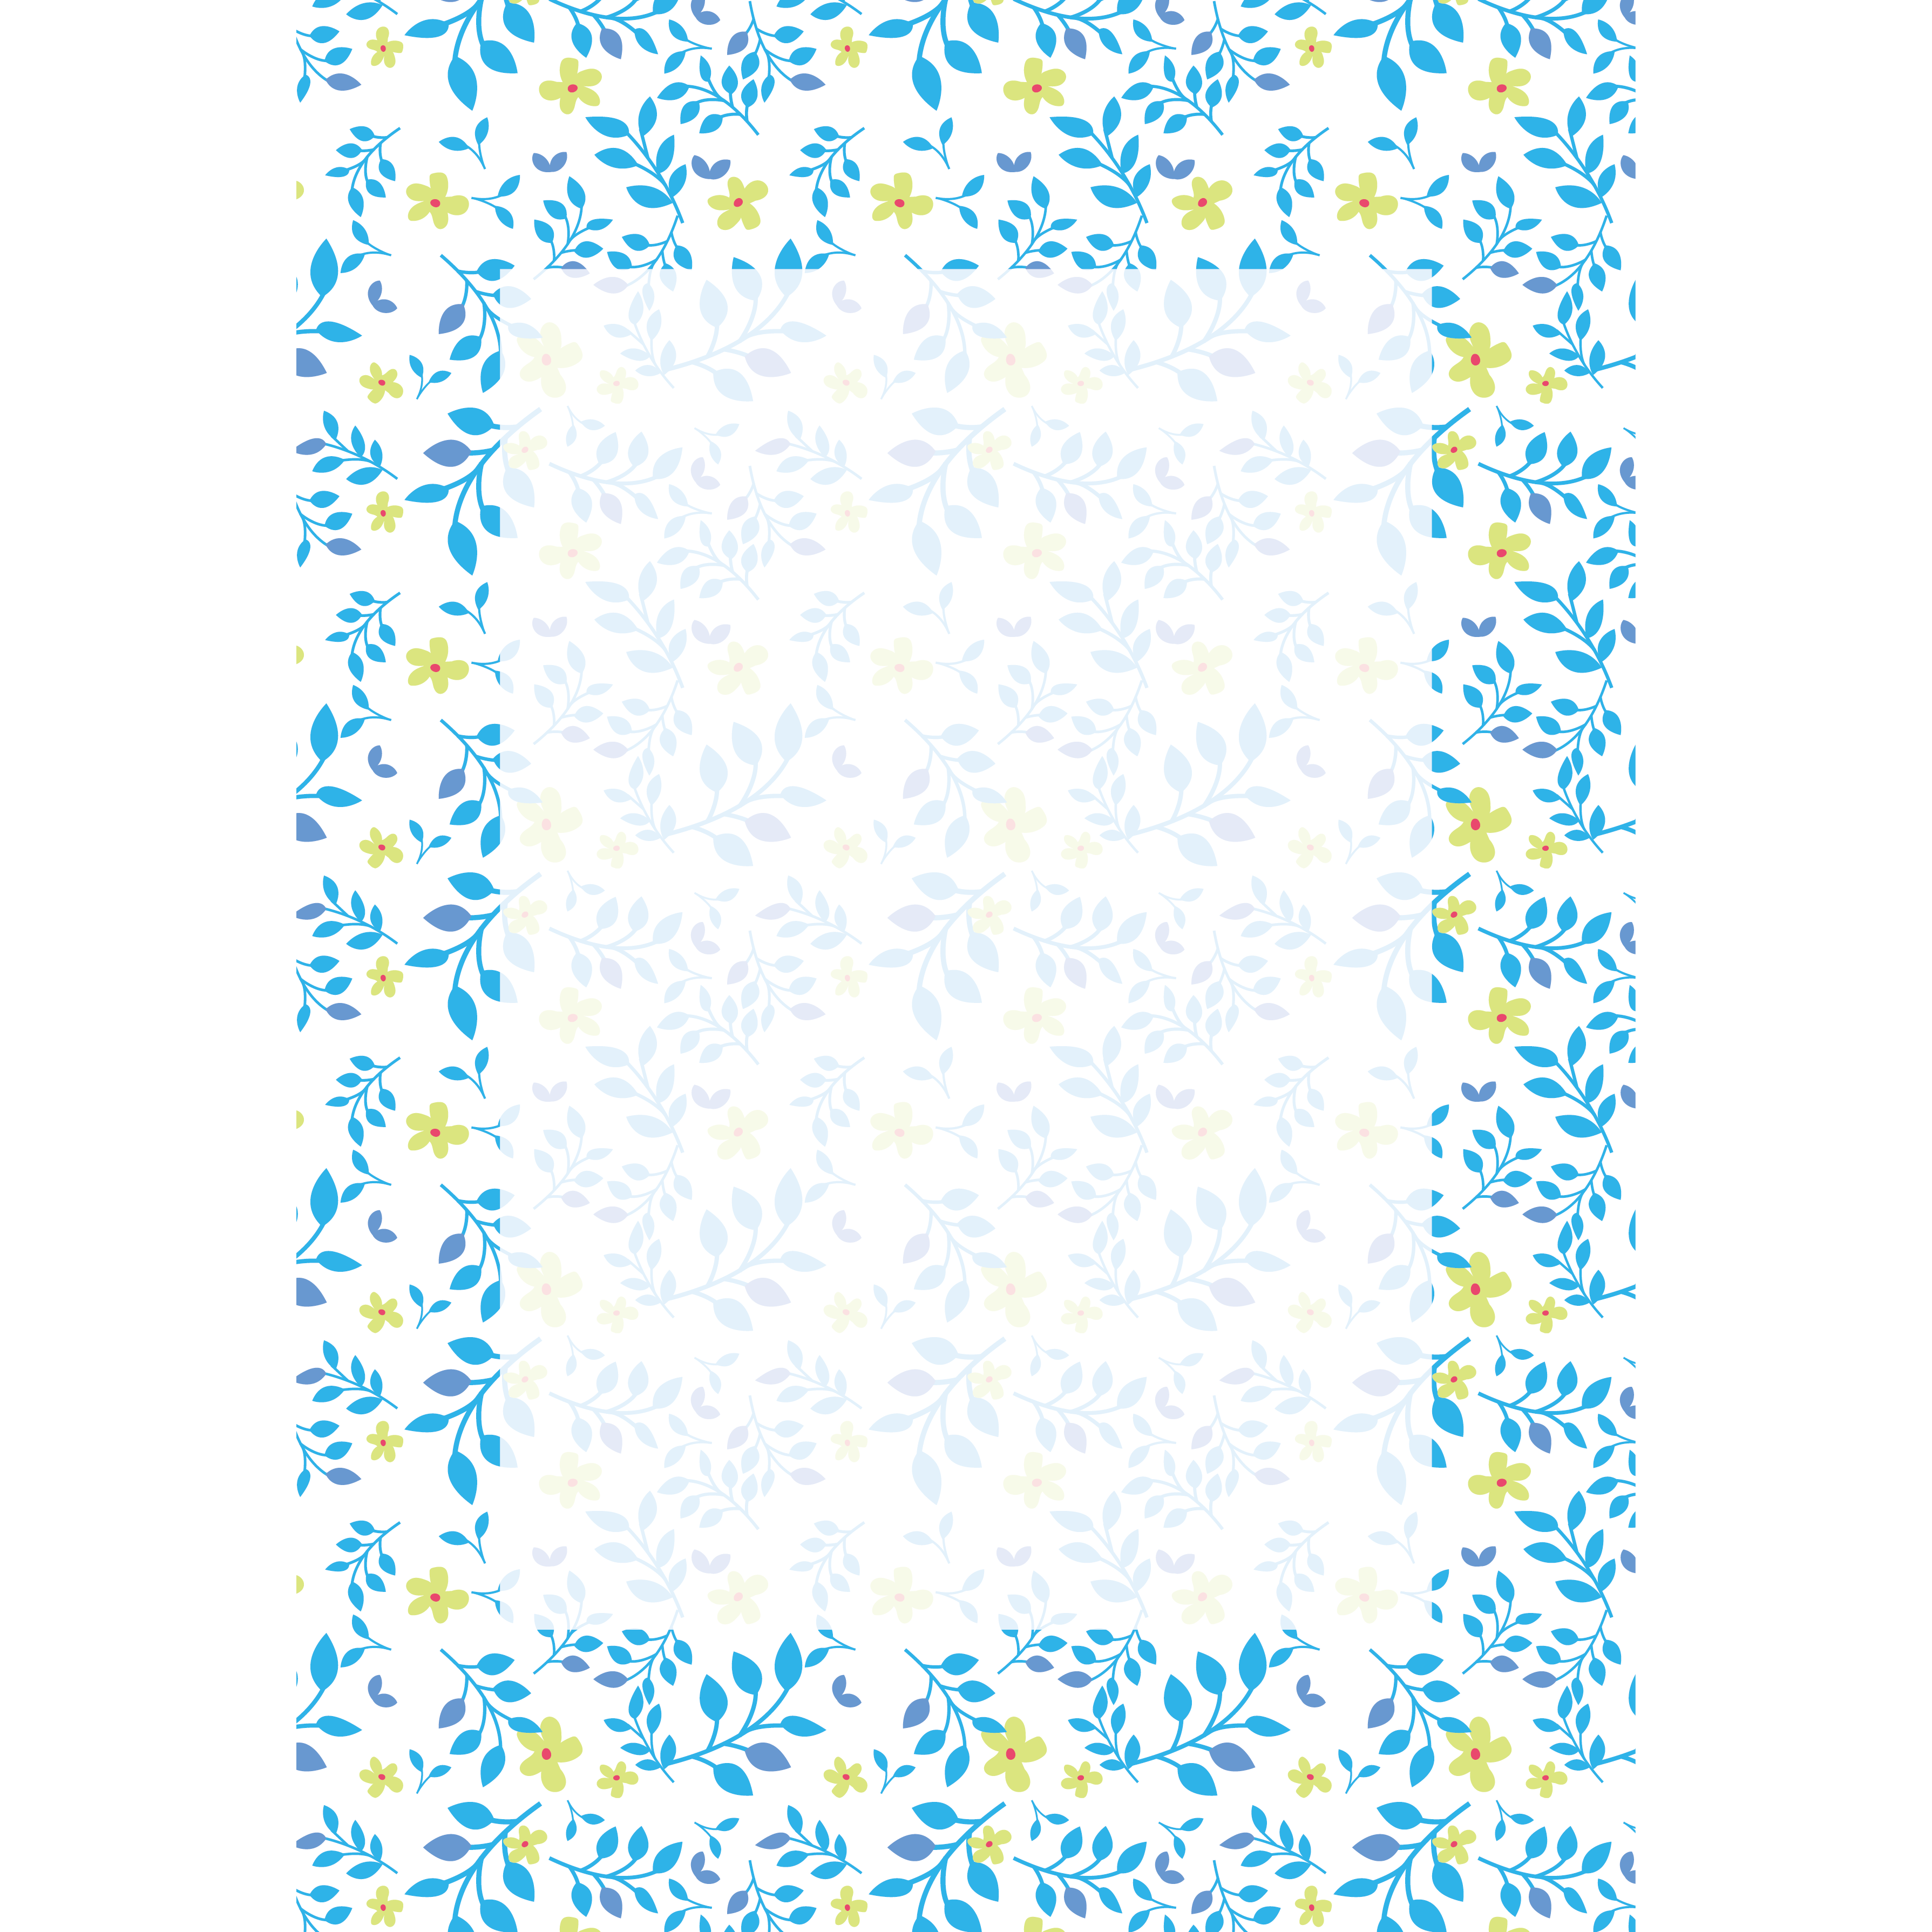 便箋 テンプレート 葉っぱ花柄 イラスト 商用フリー無料のイラスト